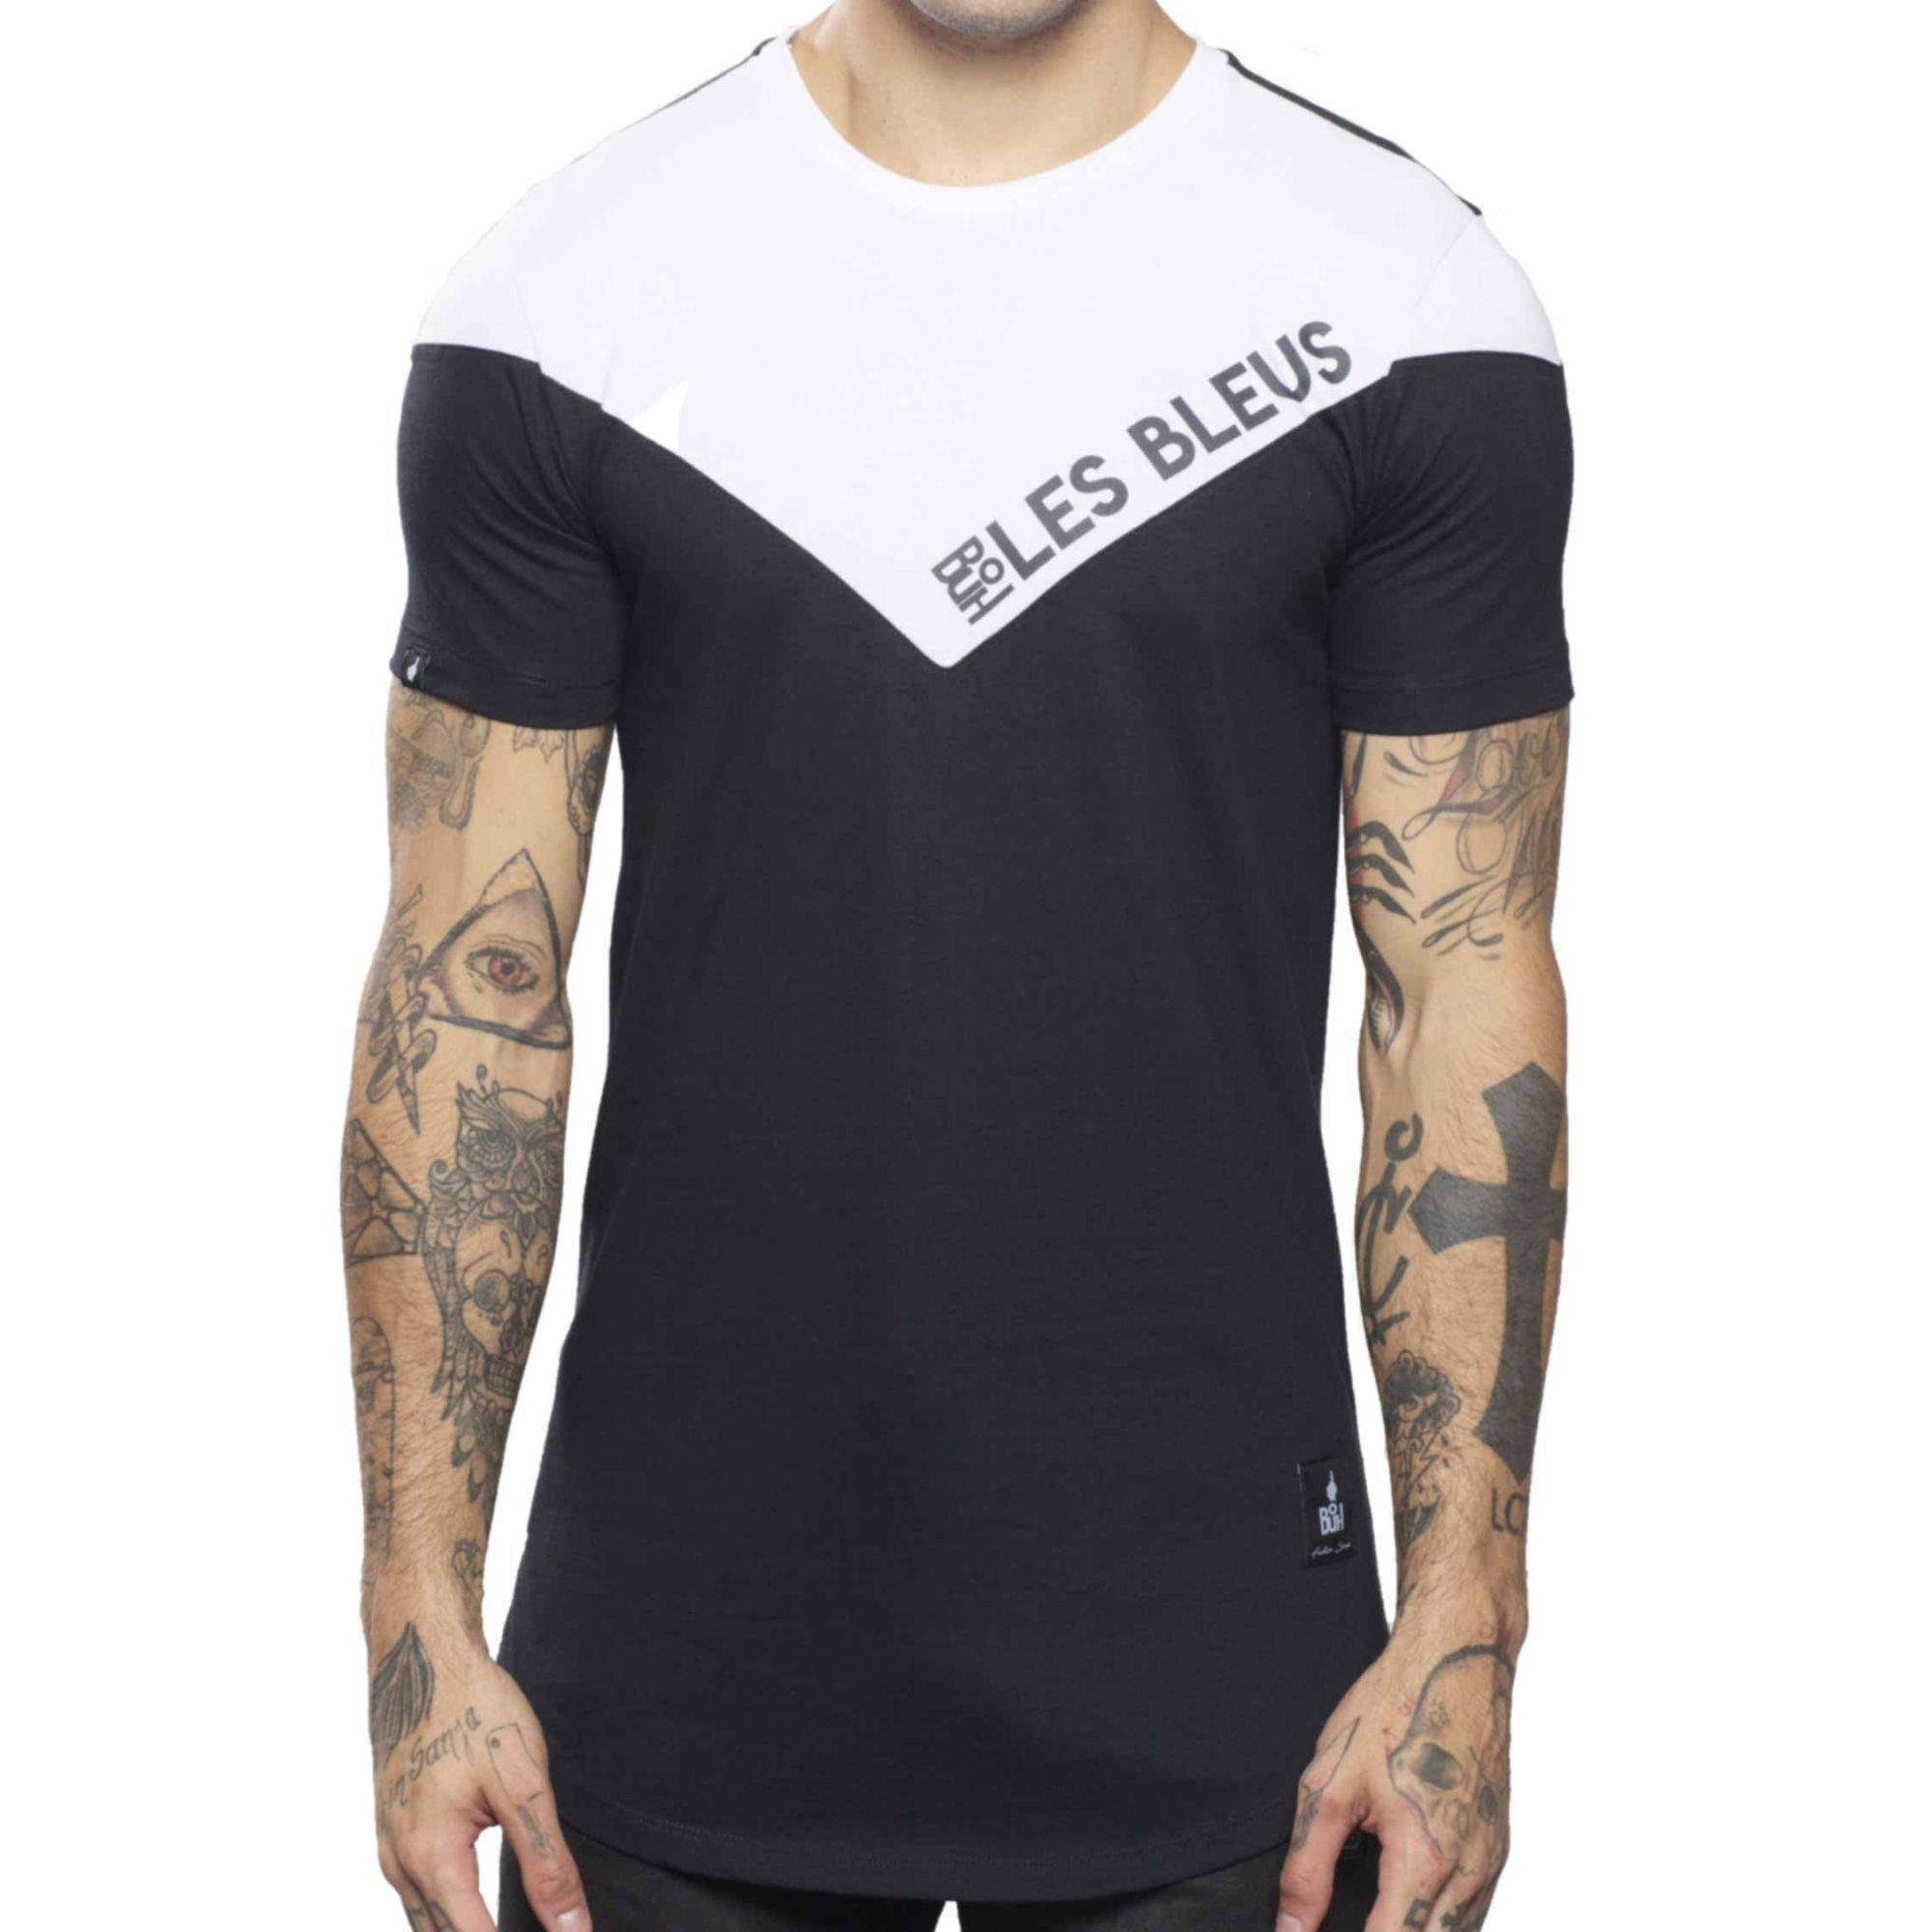 Camiseta Buh Les Bleus Black & White